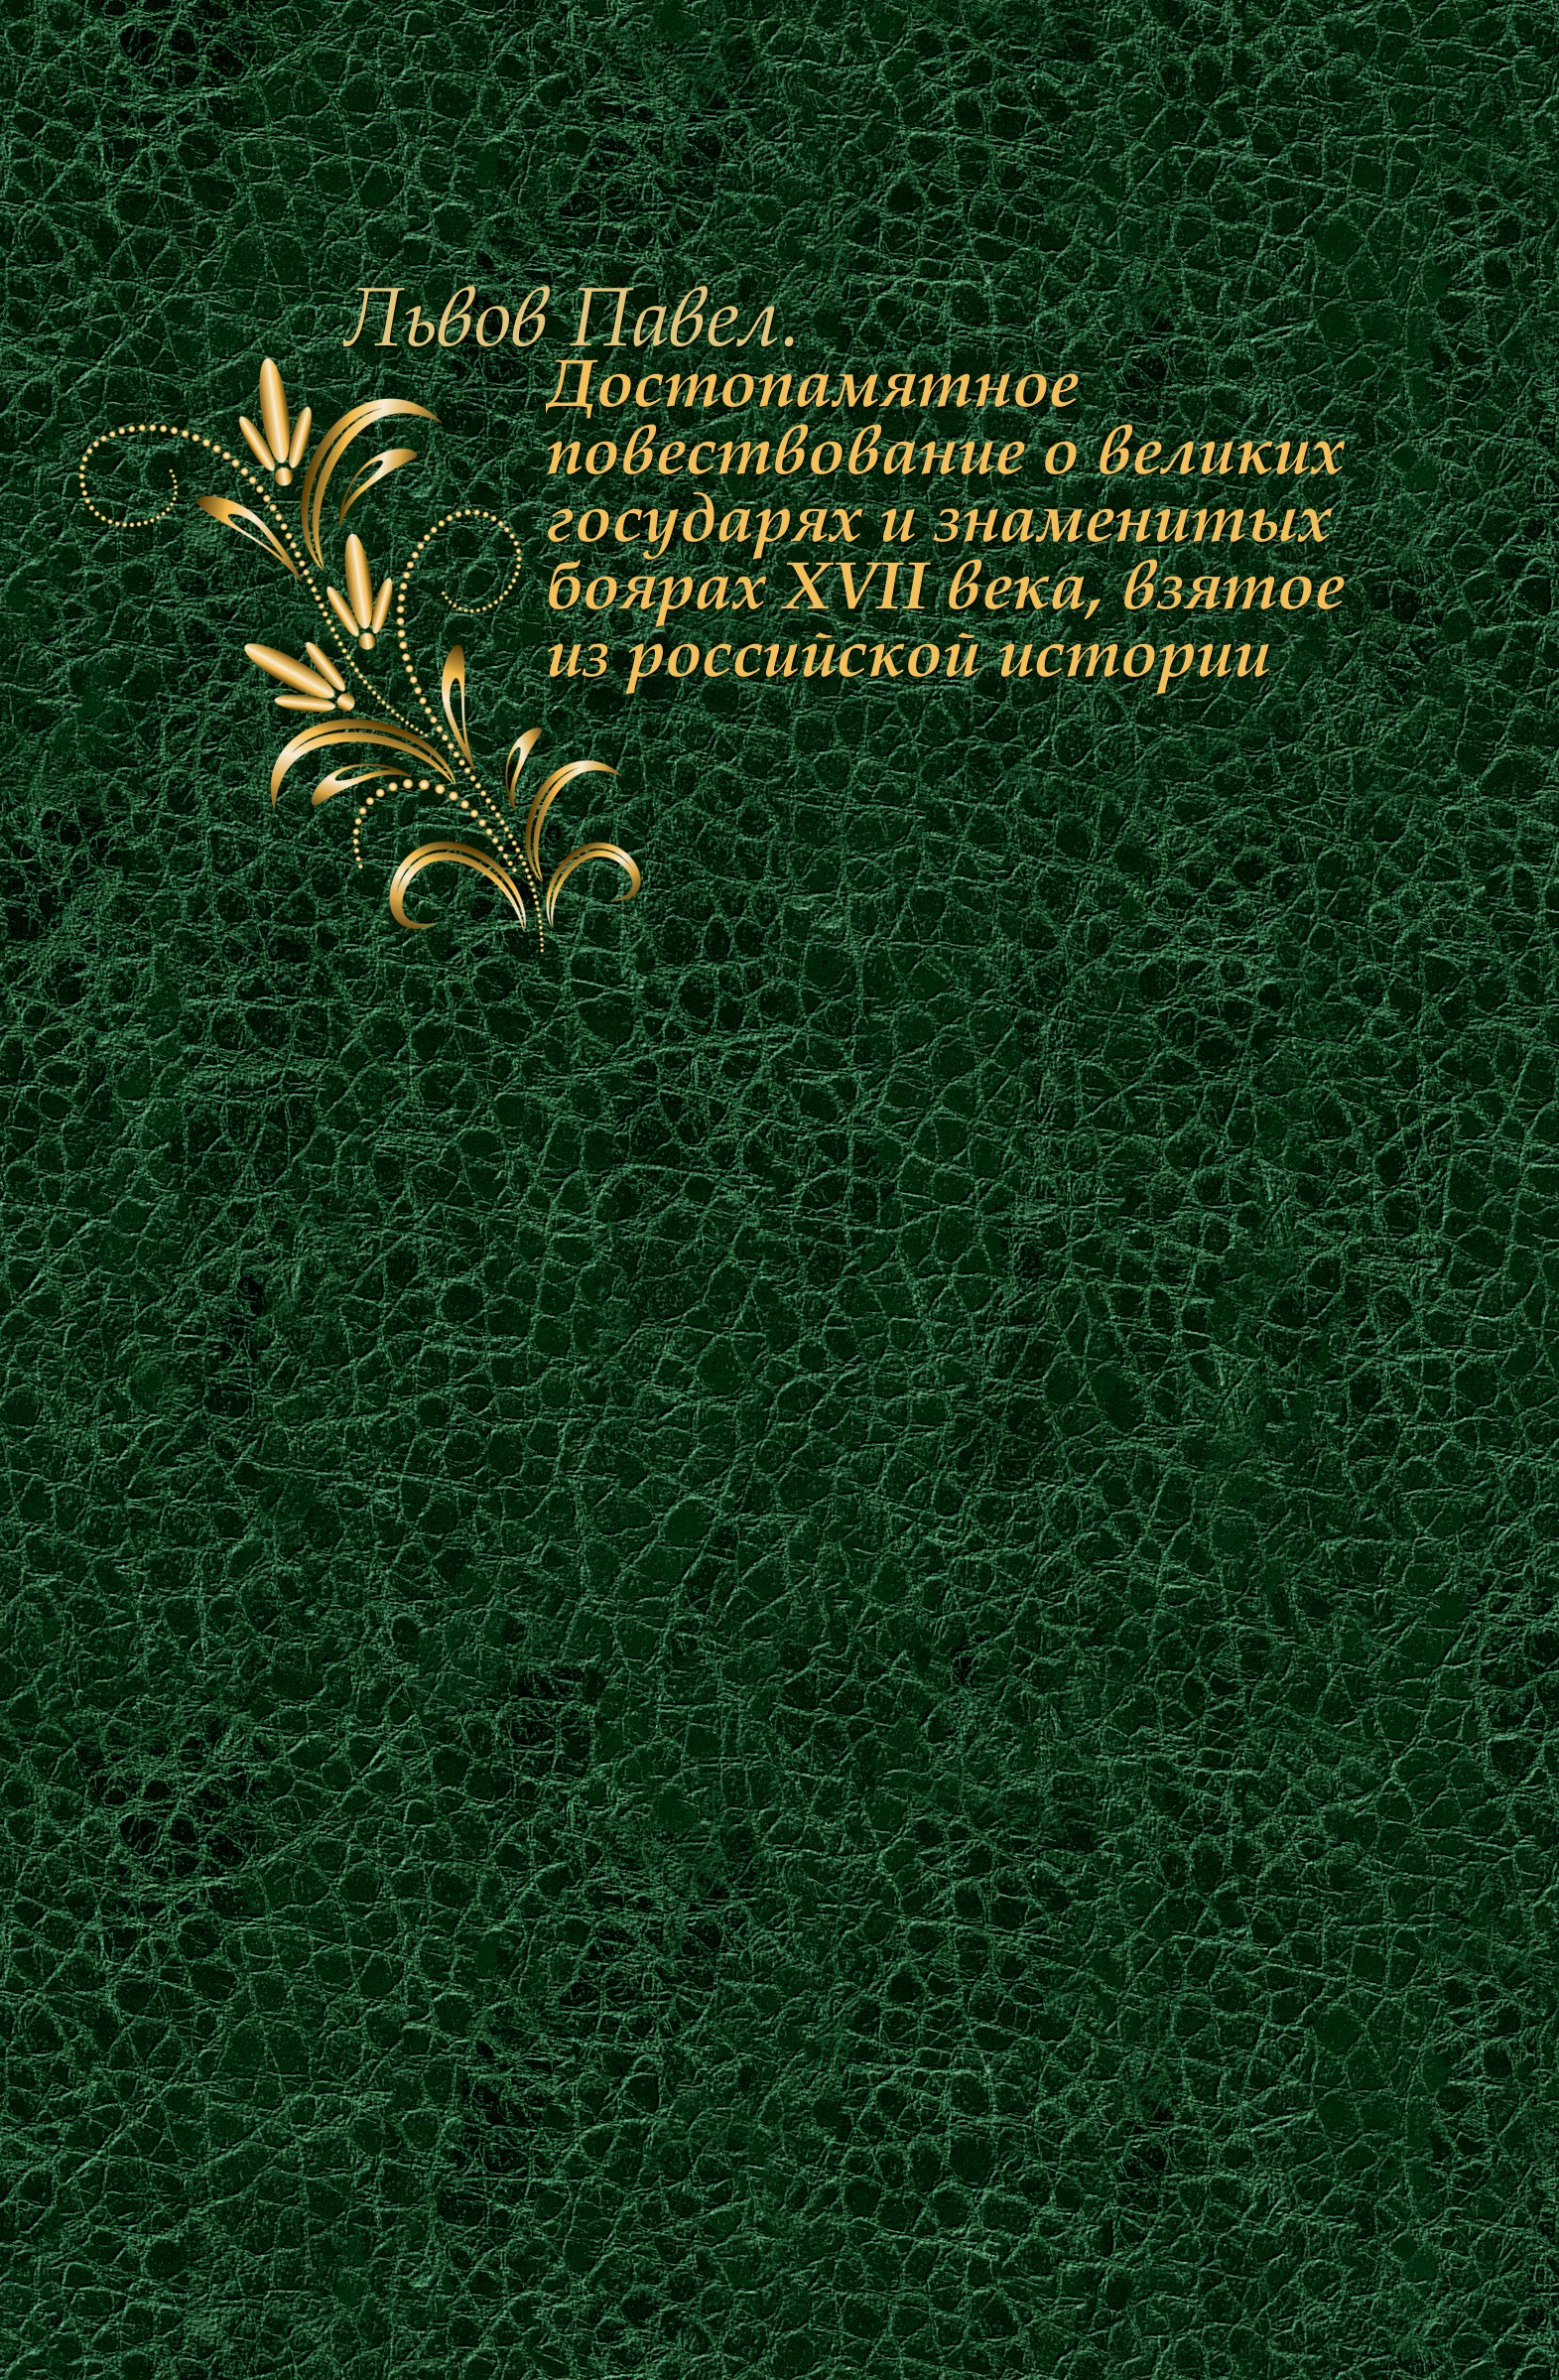 П. Львов Достопамятное повествование о великих государях и знаменитых боярах XVII века, взятое из российской истории